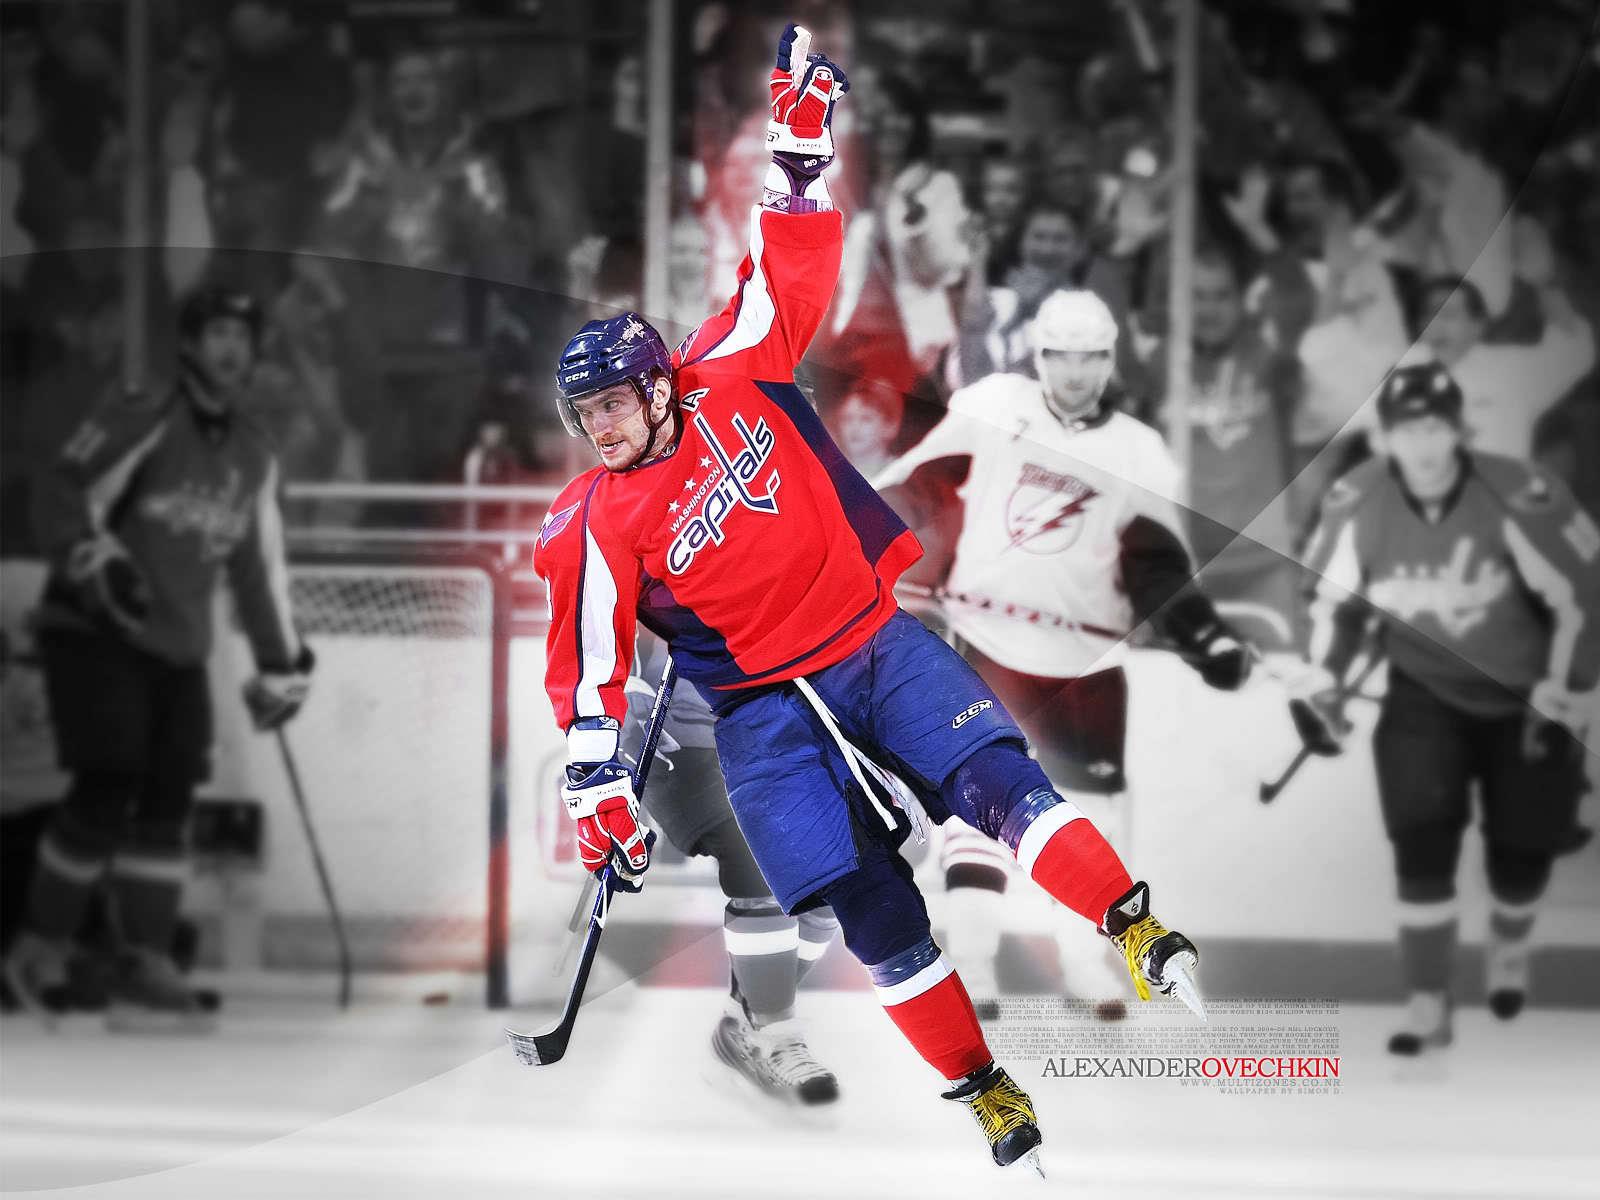 хоккей фото картинки с инфографикой